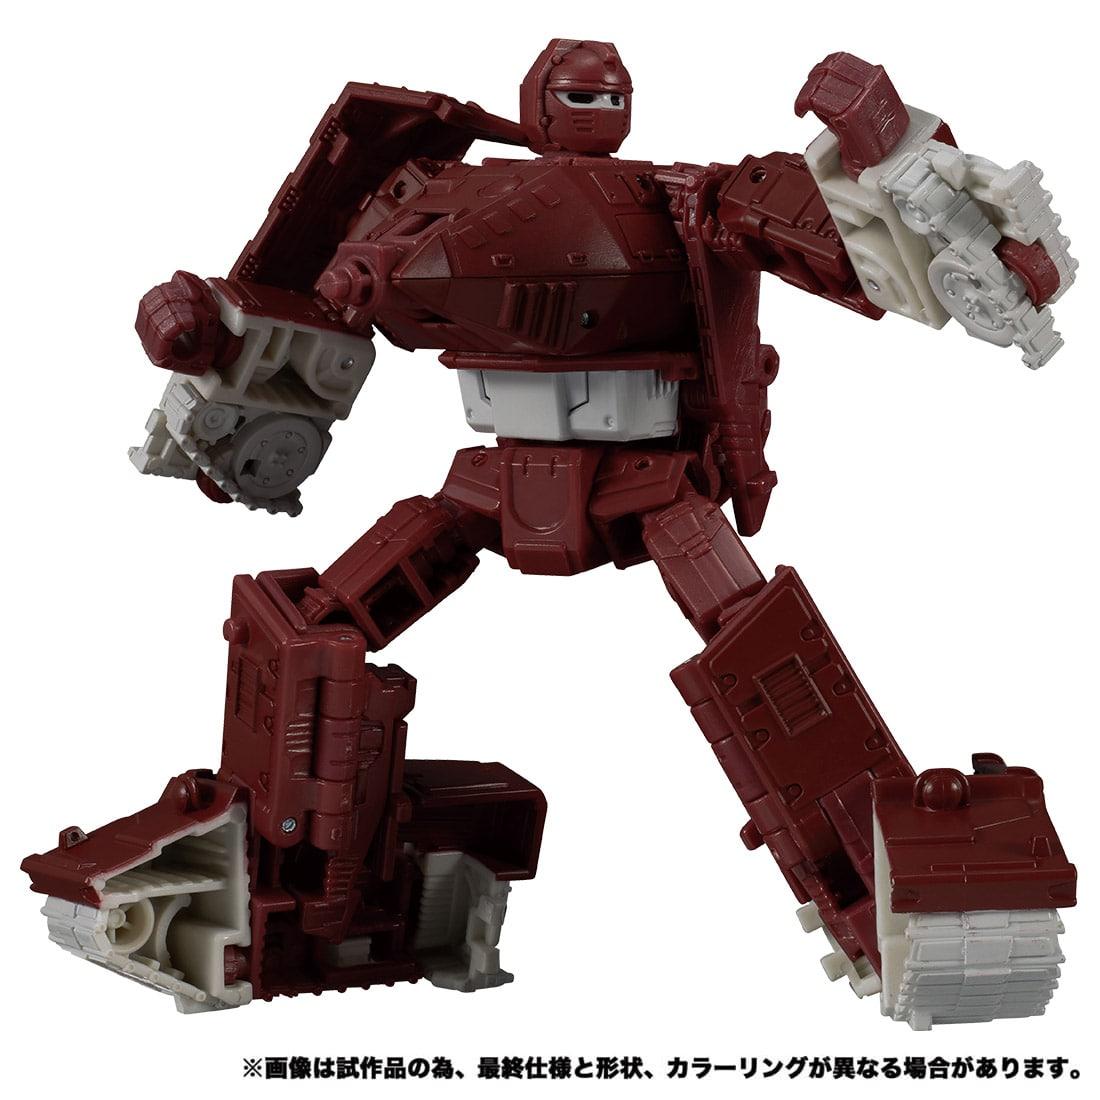 トランスフォーマー キングダム『KD-06 オートボットワーパス』可変可動フィギュア-003